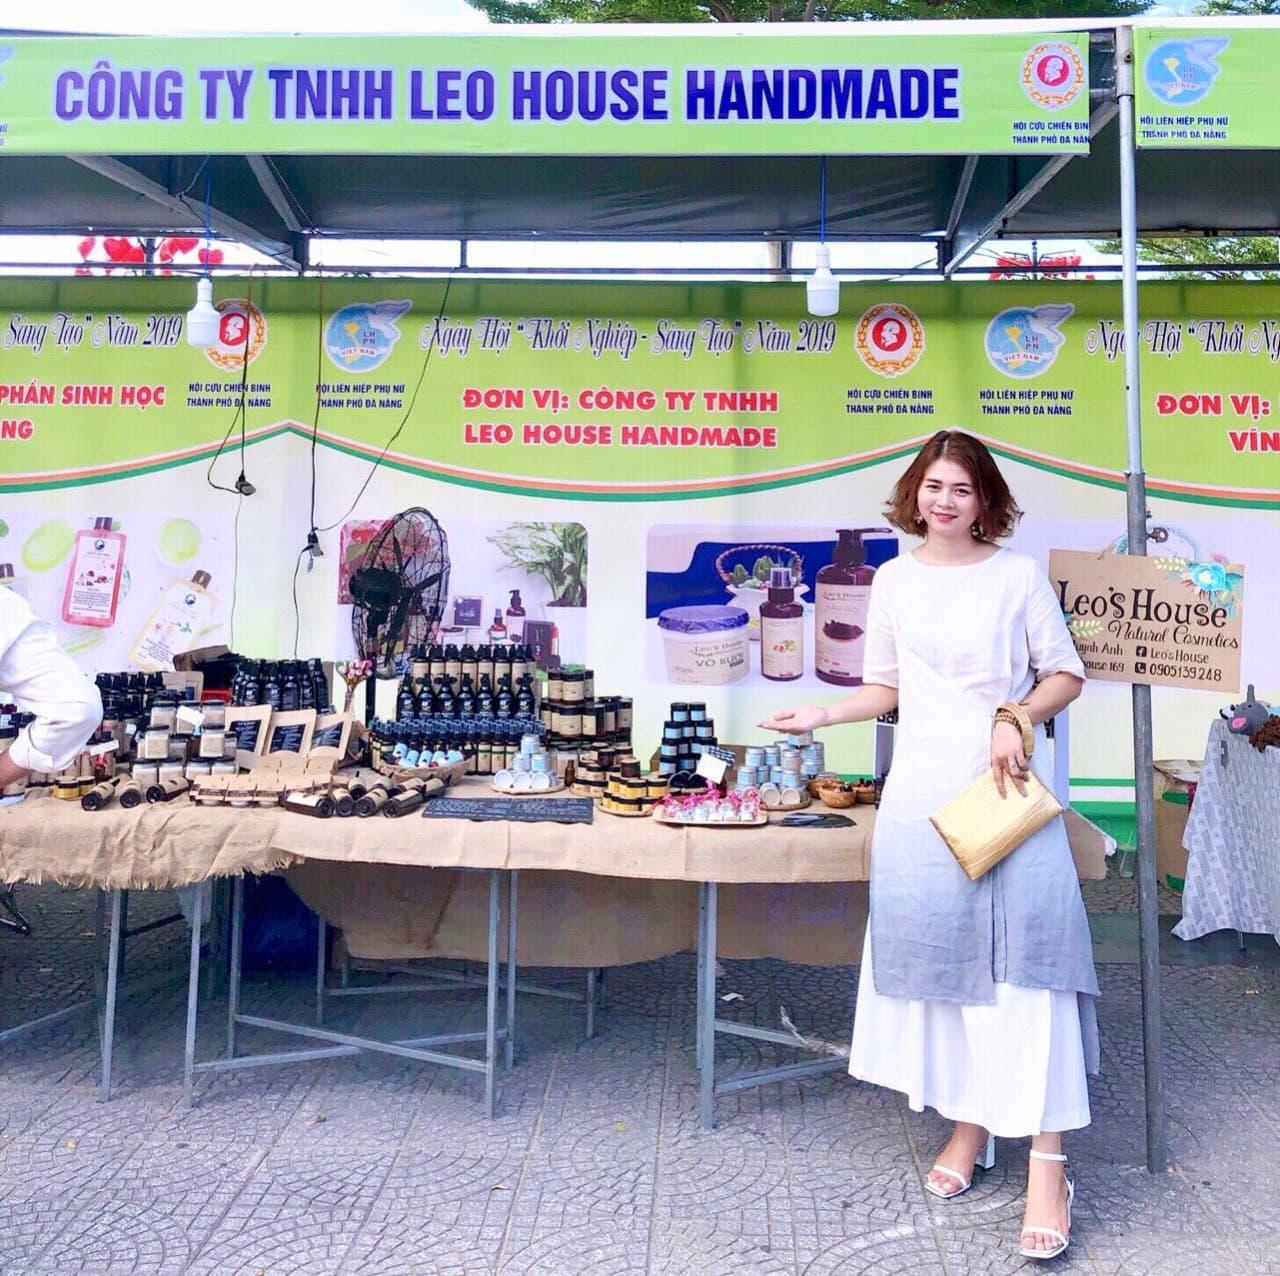 Cô nàng xứ Quảng lấn sang sân kinh doanh mới: Cà phê muối Leo 2